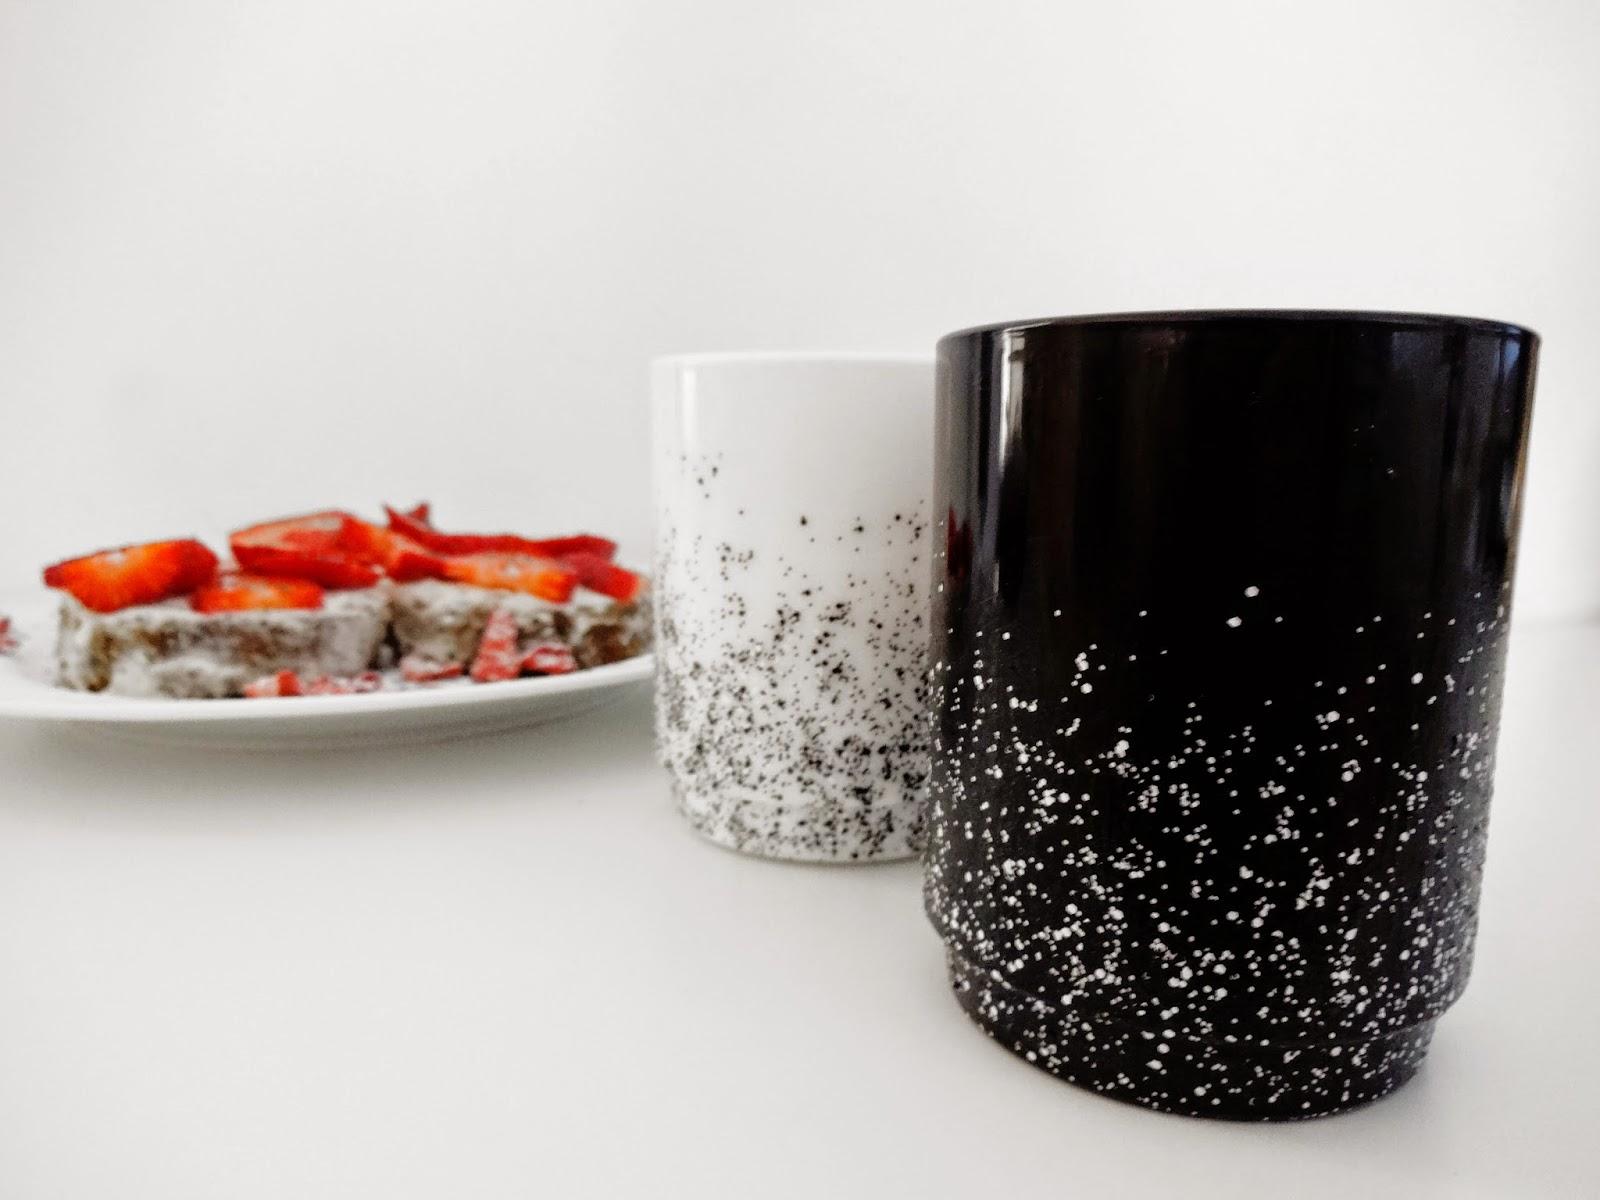 basteln malen kuchen backen tassen versch nerung mit nagellack und erdbeer limette mohn k chlein. Black Bedroom Furniture Sets. Home Design Ideas